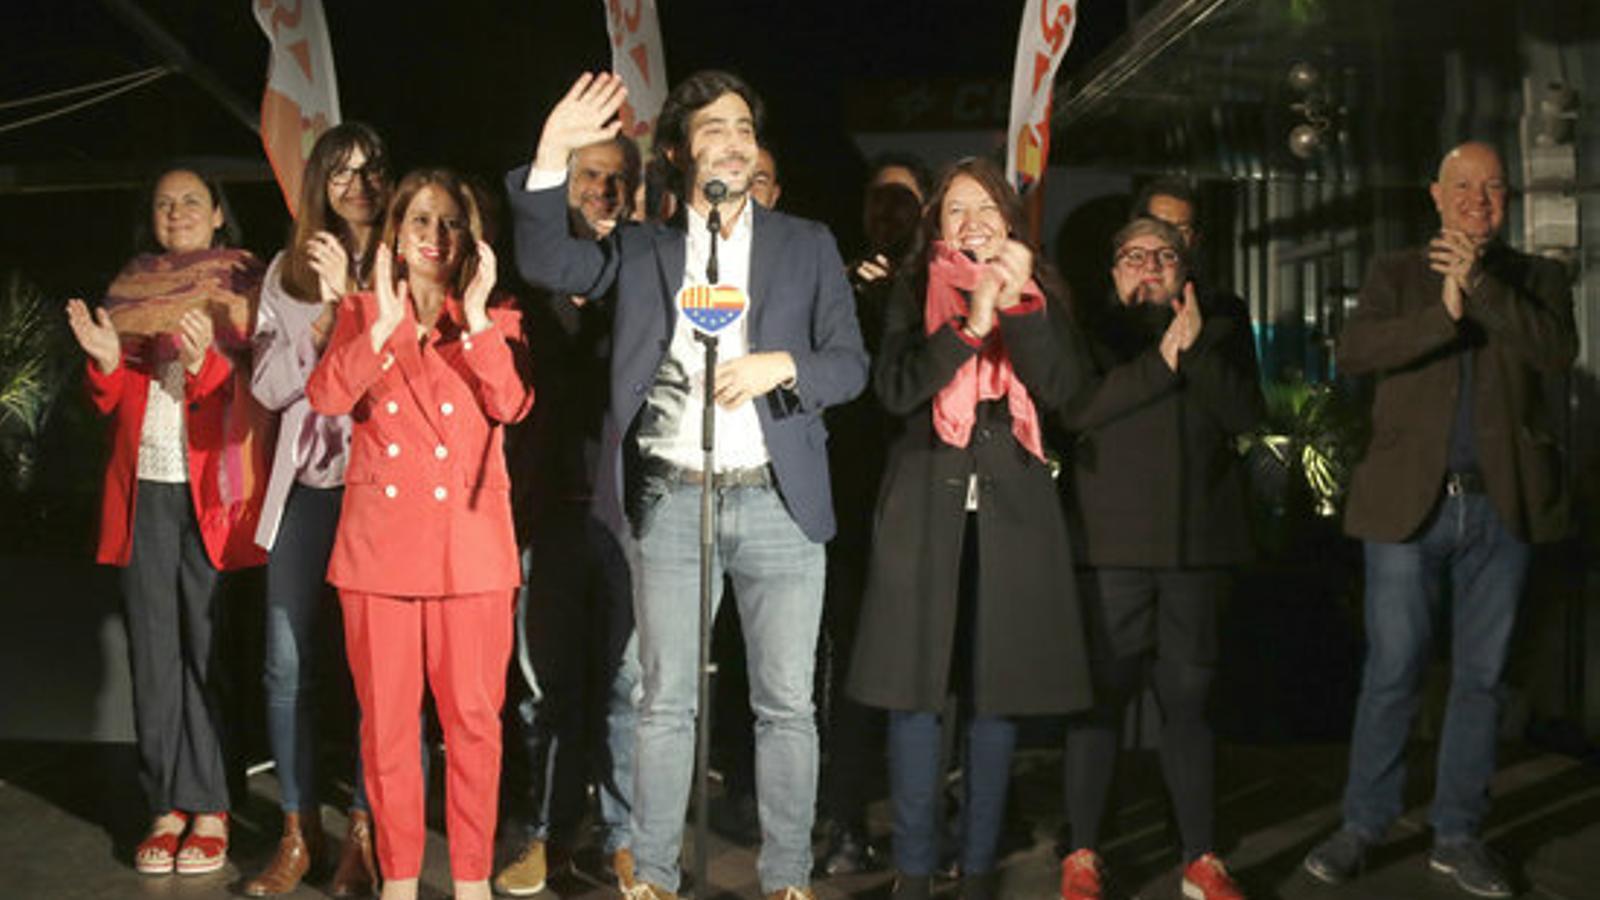 Toni Roldán deixa Ciutadans després del seu apropament a Vox